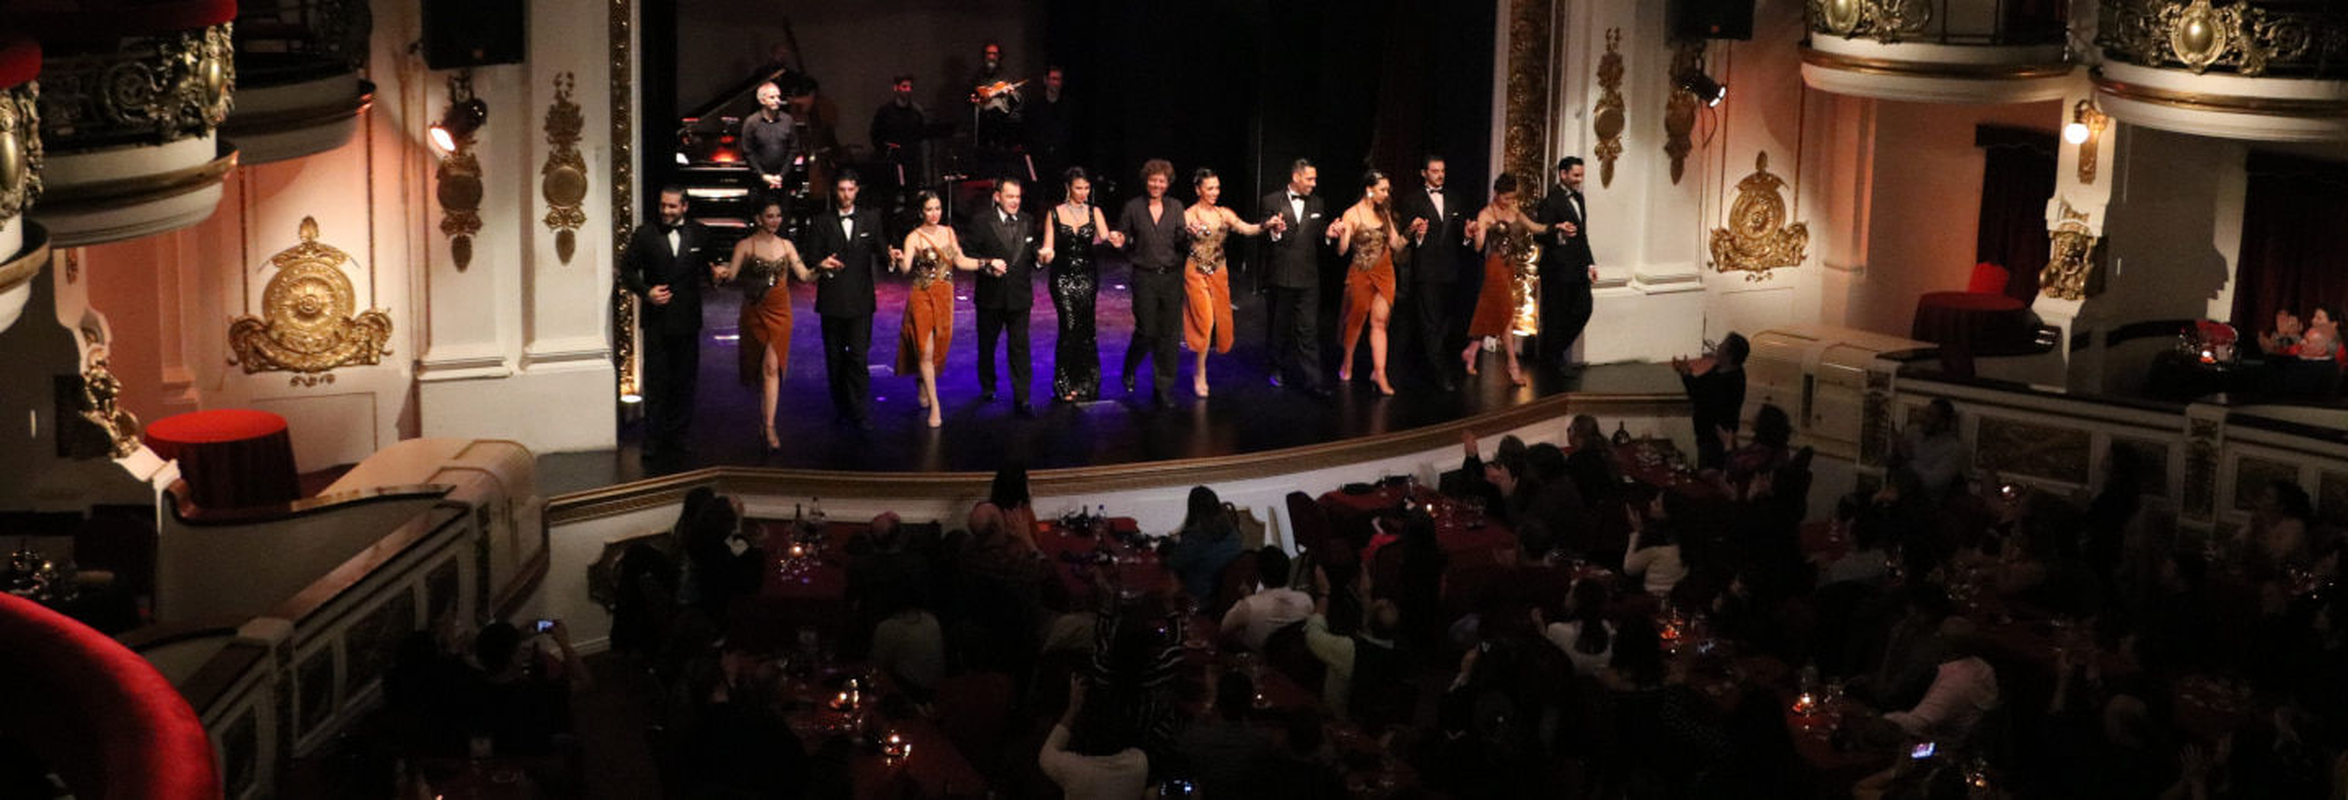 Spettacolo di tango al Teatro Astor Piazzolla